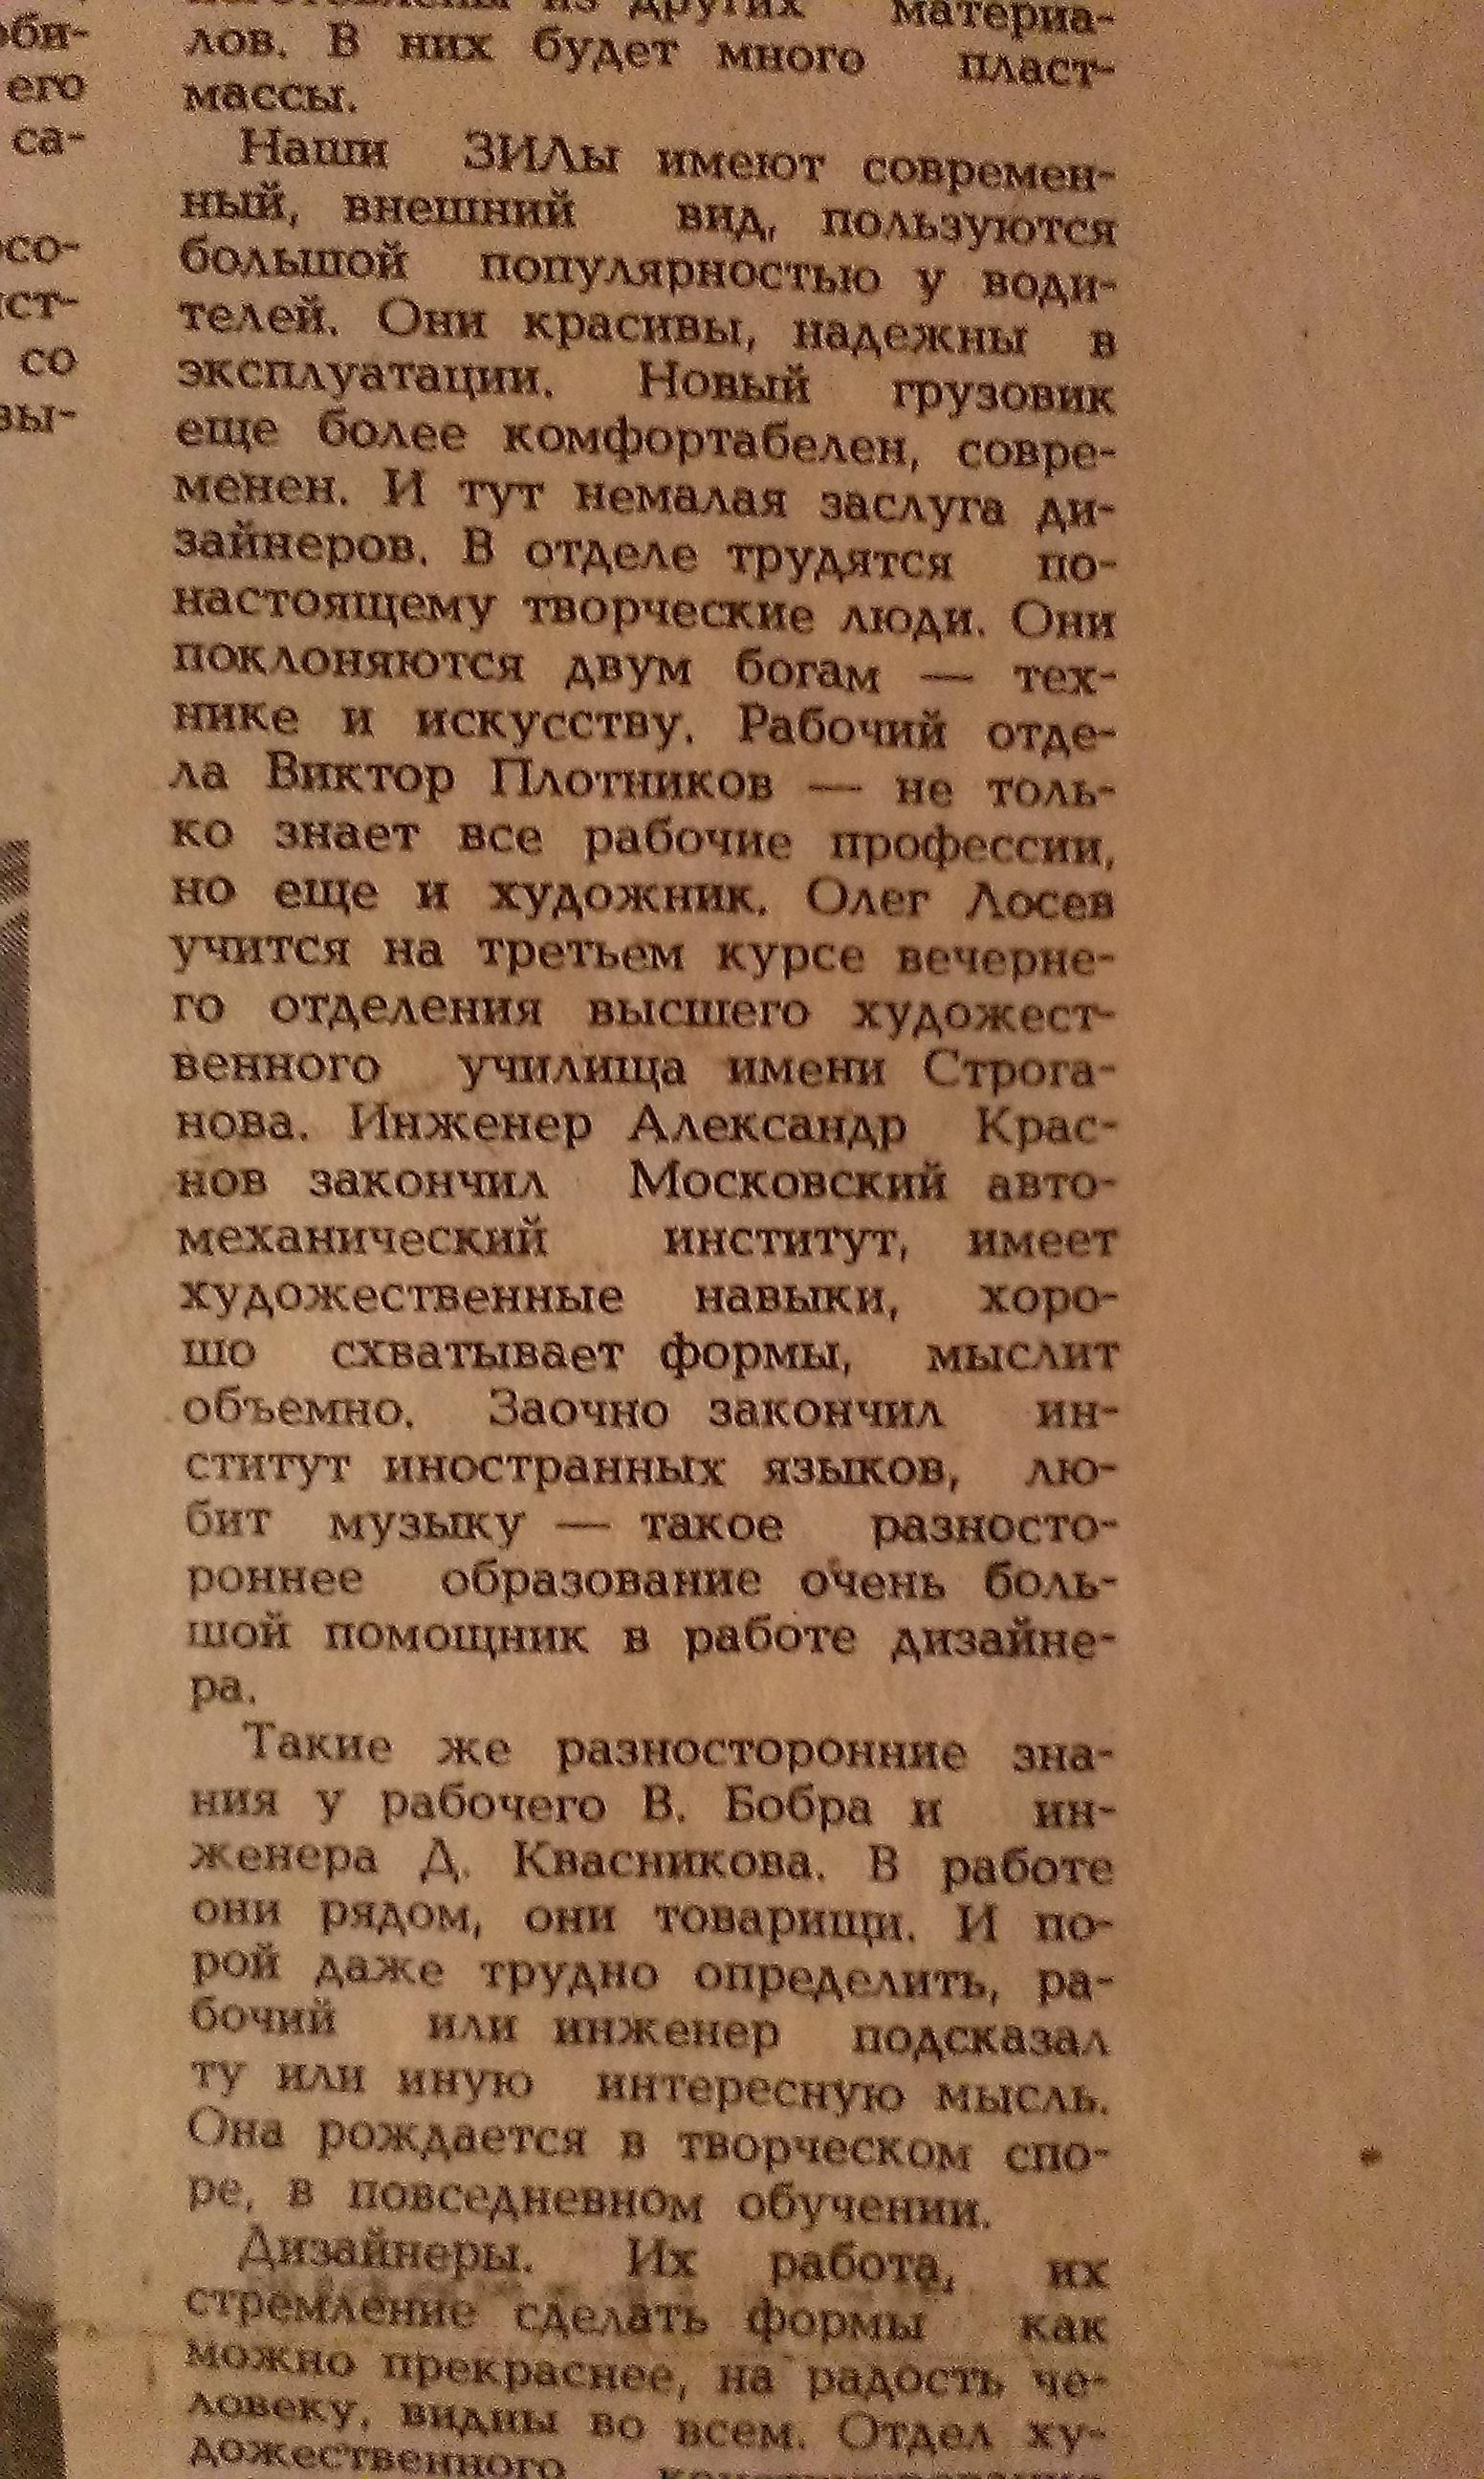 Заметки из газет